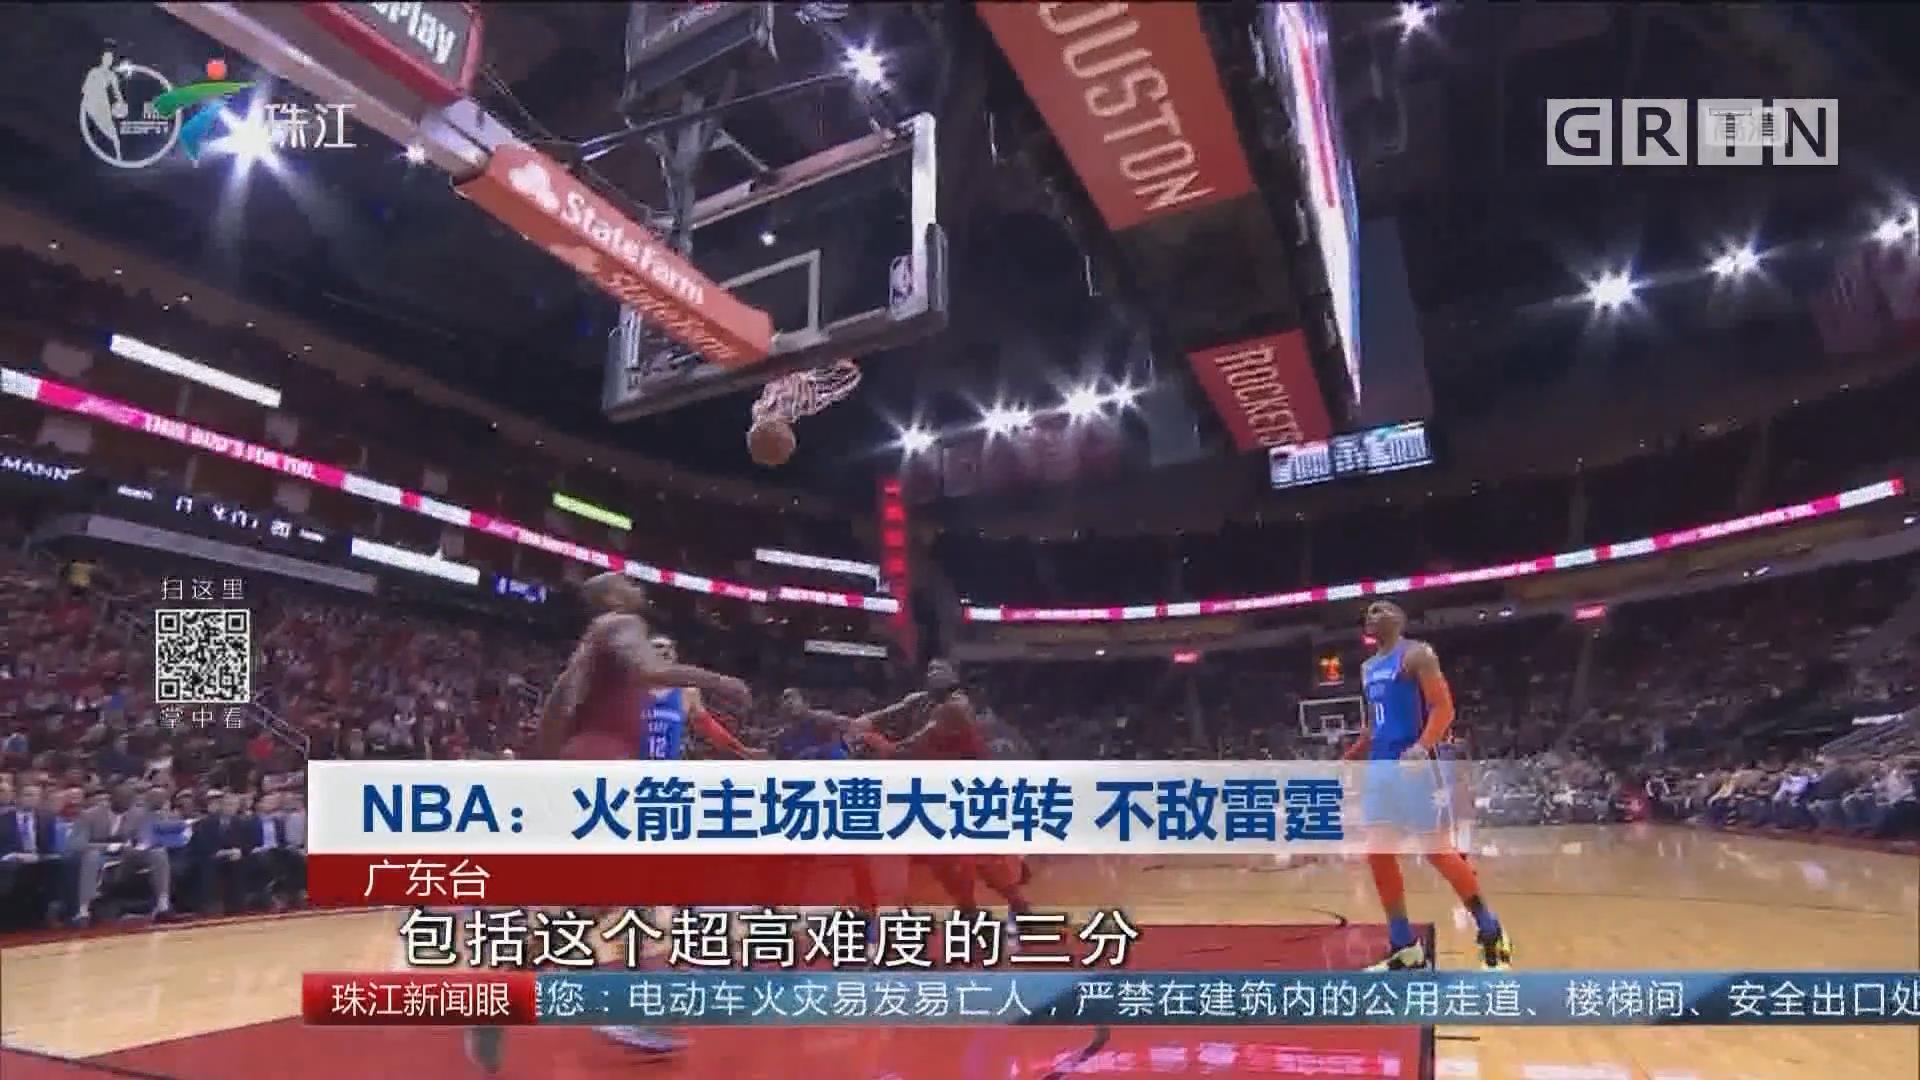 NBA:火箭主场遭大逆转 不敌雷霆